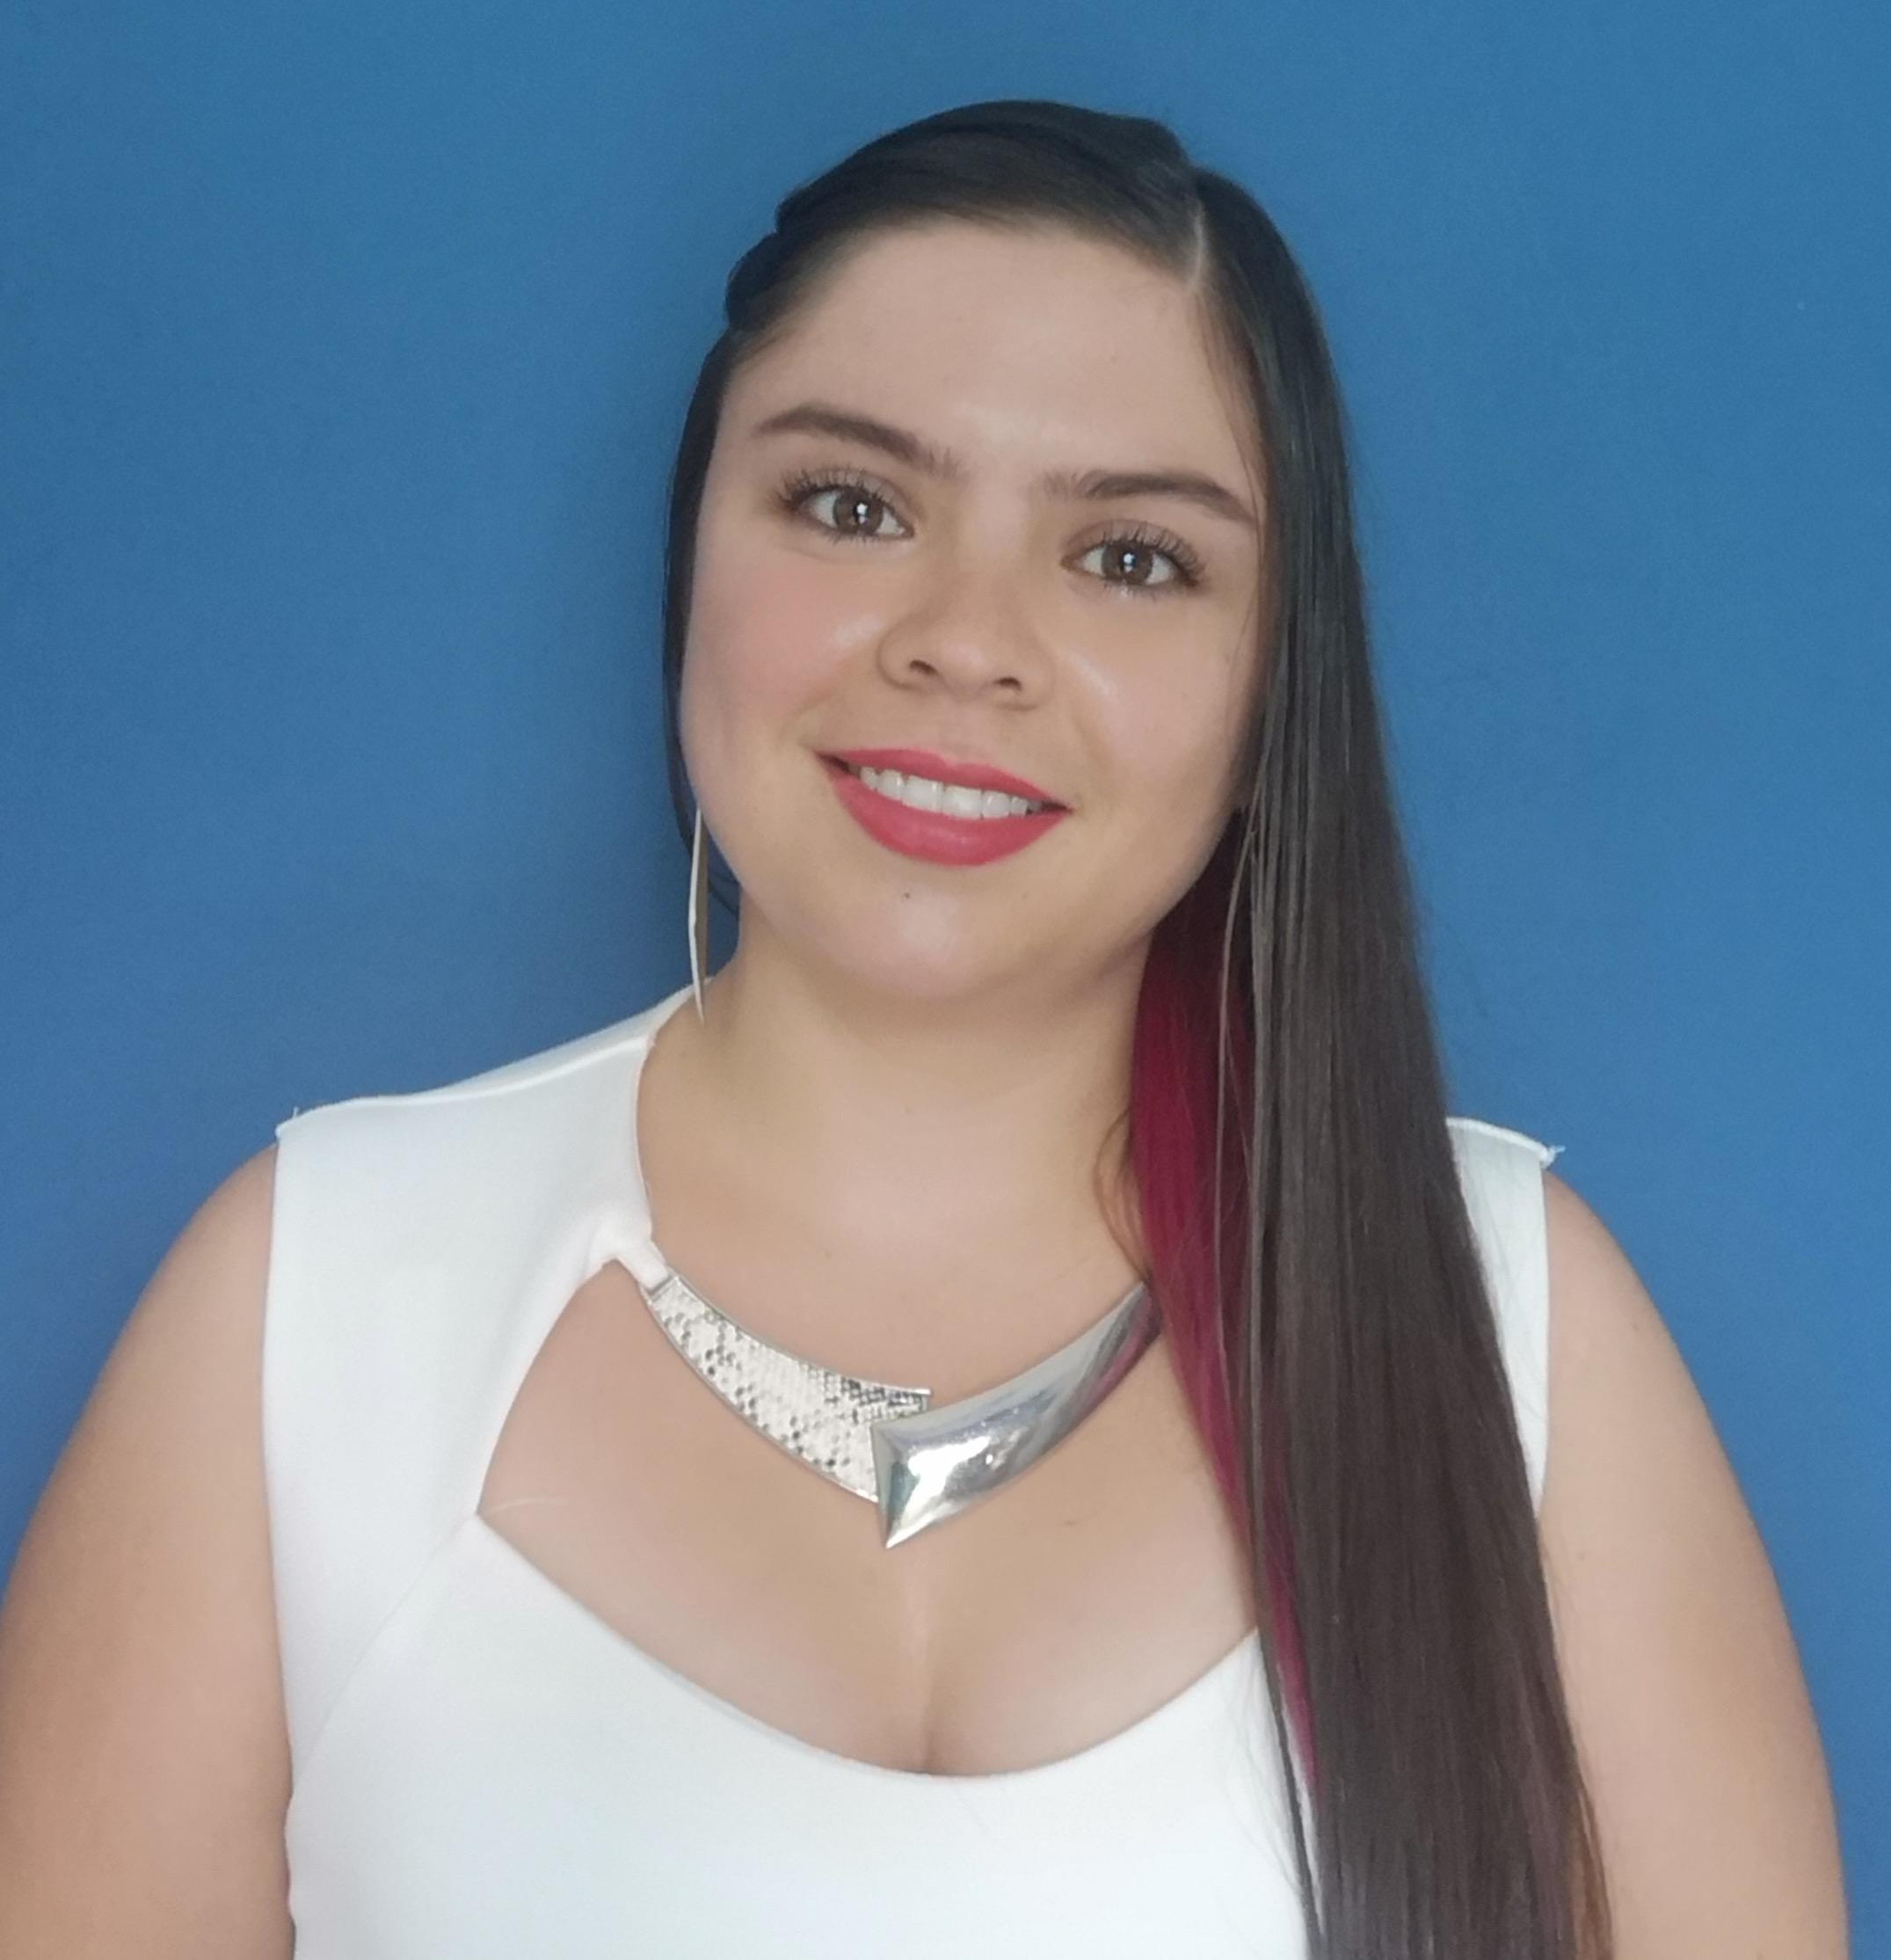 Yorlenny Rojas Hidalgo